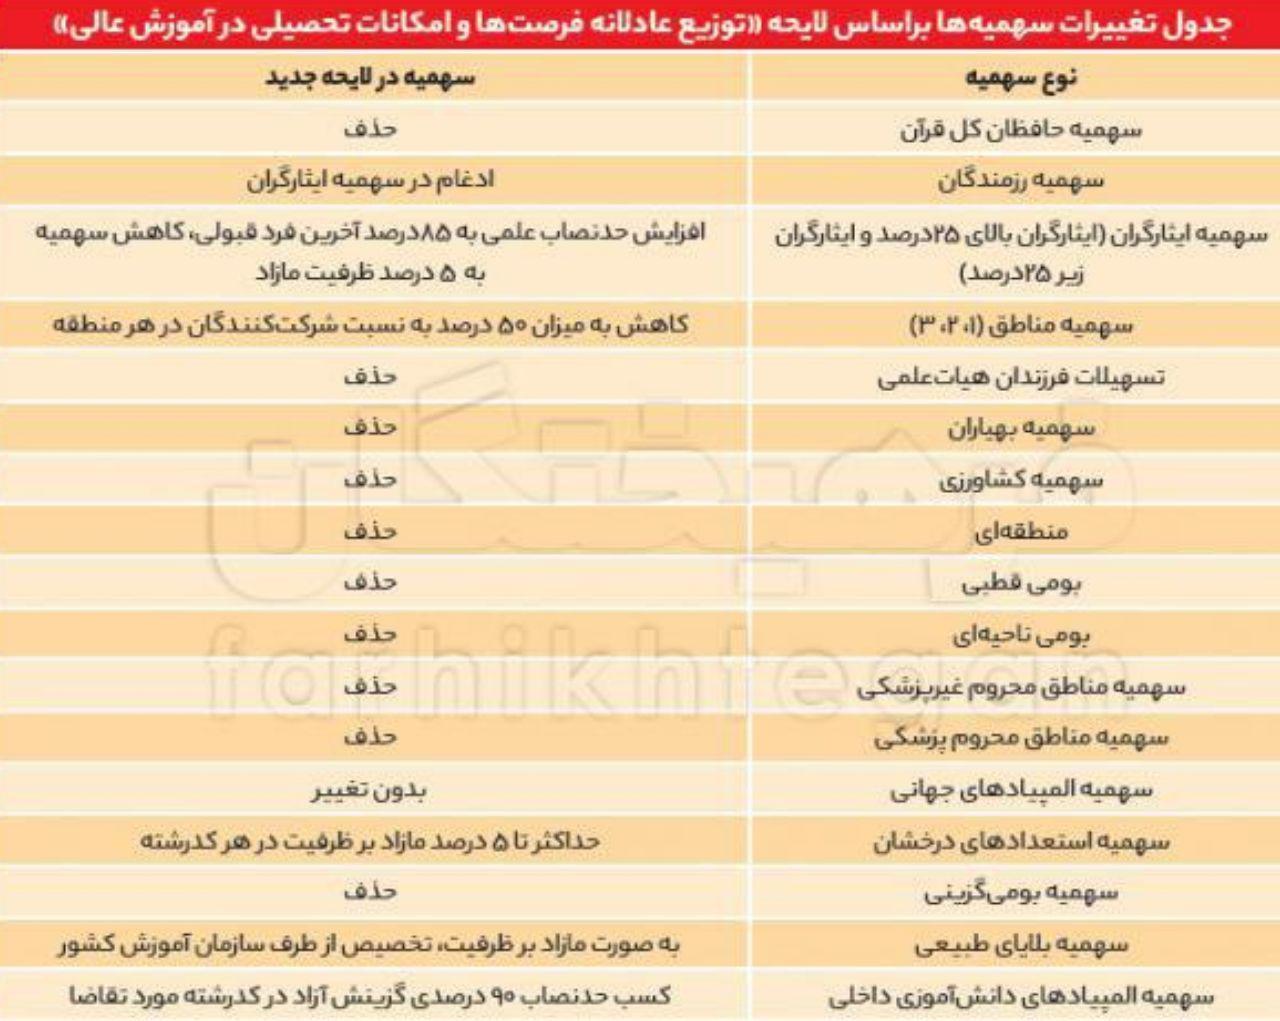 جدول تغییرات سهمیهها براساس لایحه 《توزیع عادلانه فرصتها و امکانات تحصیلی